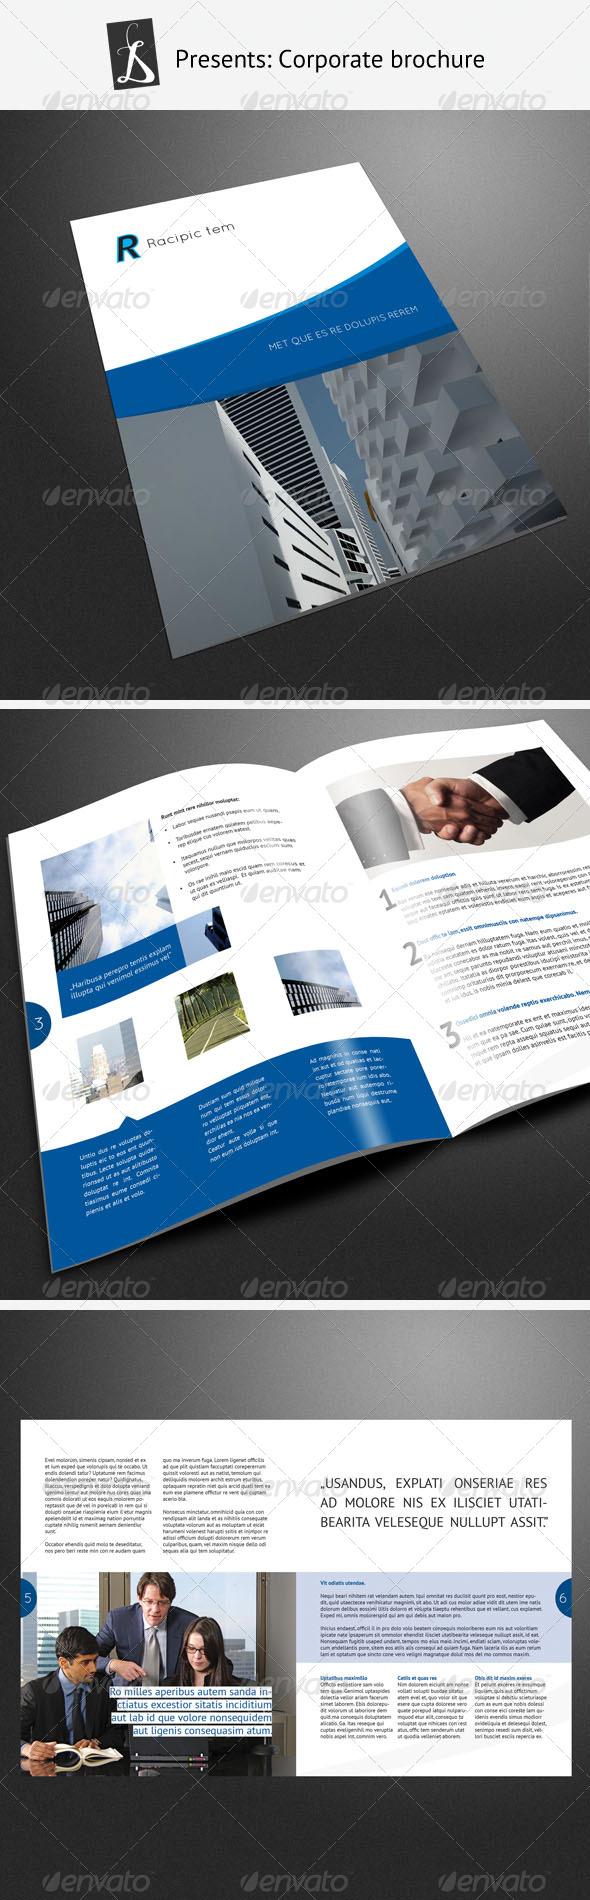 GraphicRiver Corporate Brochure 4 243330